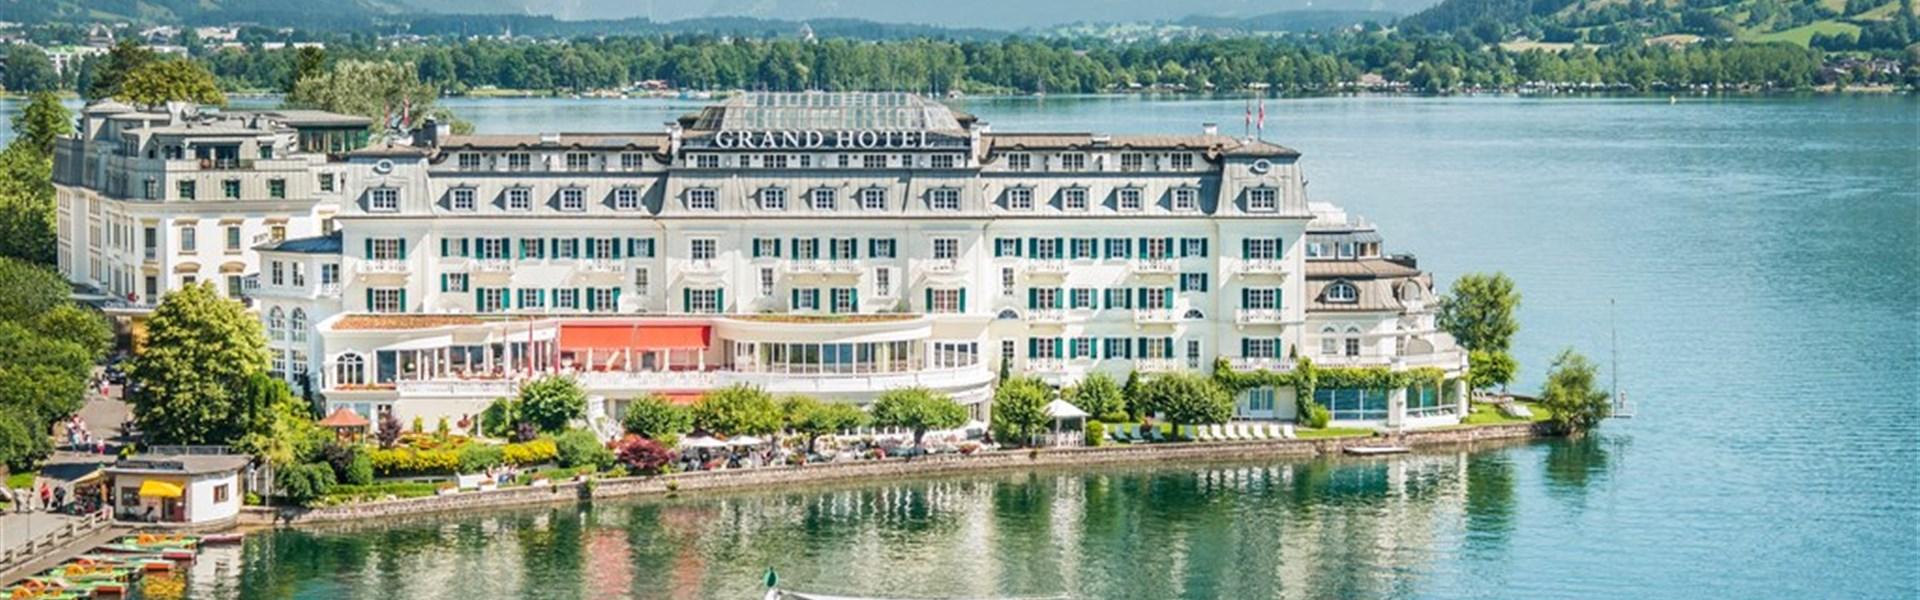 Marco Polo - Grand Hotel -